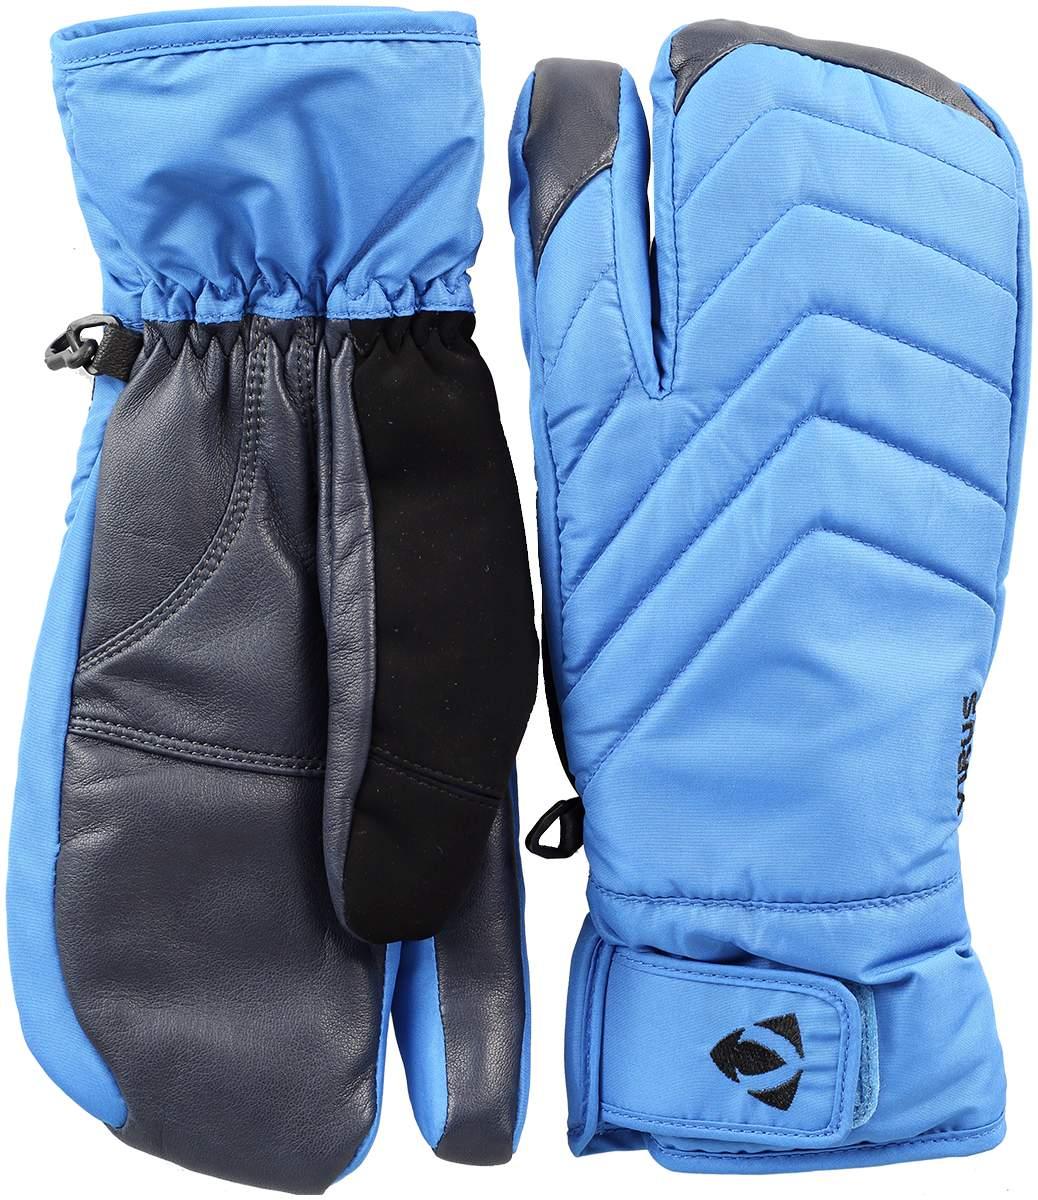 Рукавицы F4Варежки<br>Рукавицы F4 – это «мутация» популярной модели Muzzy. Разделение пальцев делает эту модель больше похожей на рукавицы, что определенно снижает...<br><br>Цвет: Синий<br>Размер: M